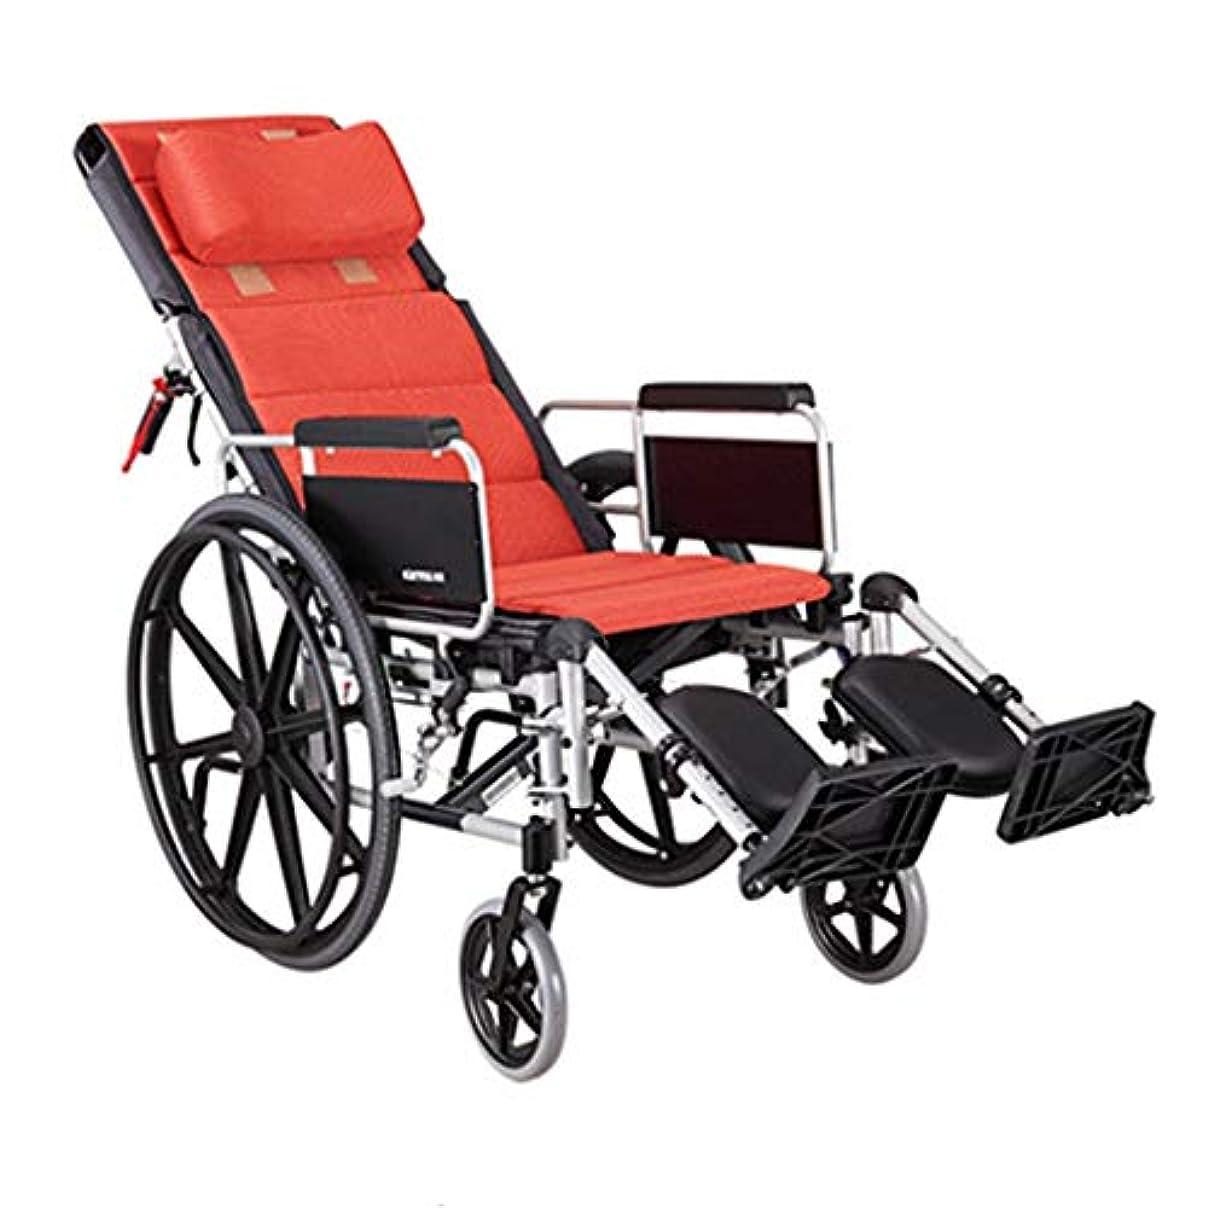 目を覚ます機械的に普通の高齢者用車椅子折りたたみ式手すり、リアブレーキハンドル機能付き調整可能ペダルソフト手すり